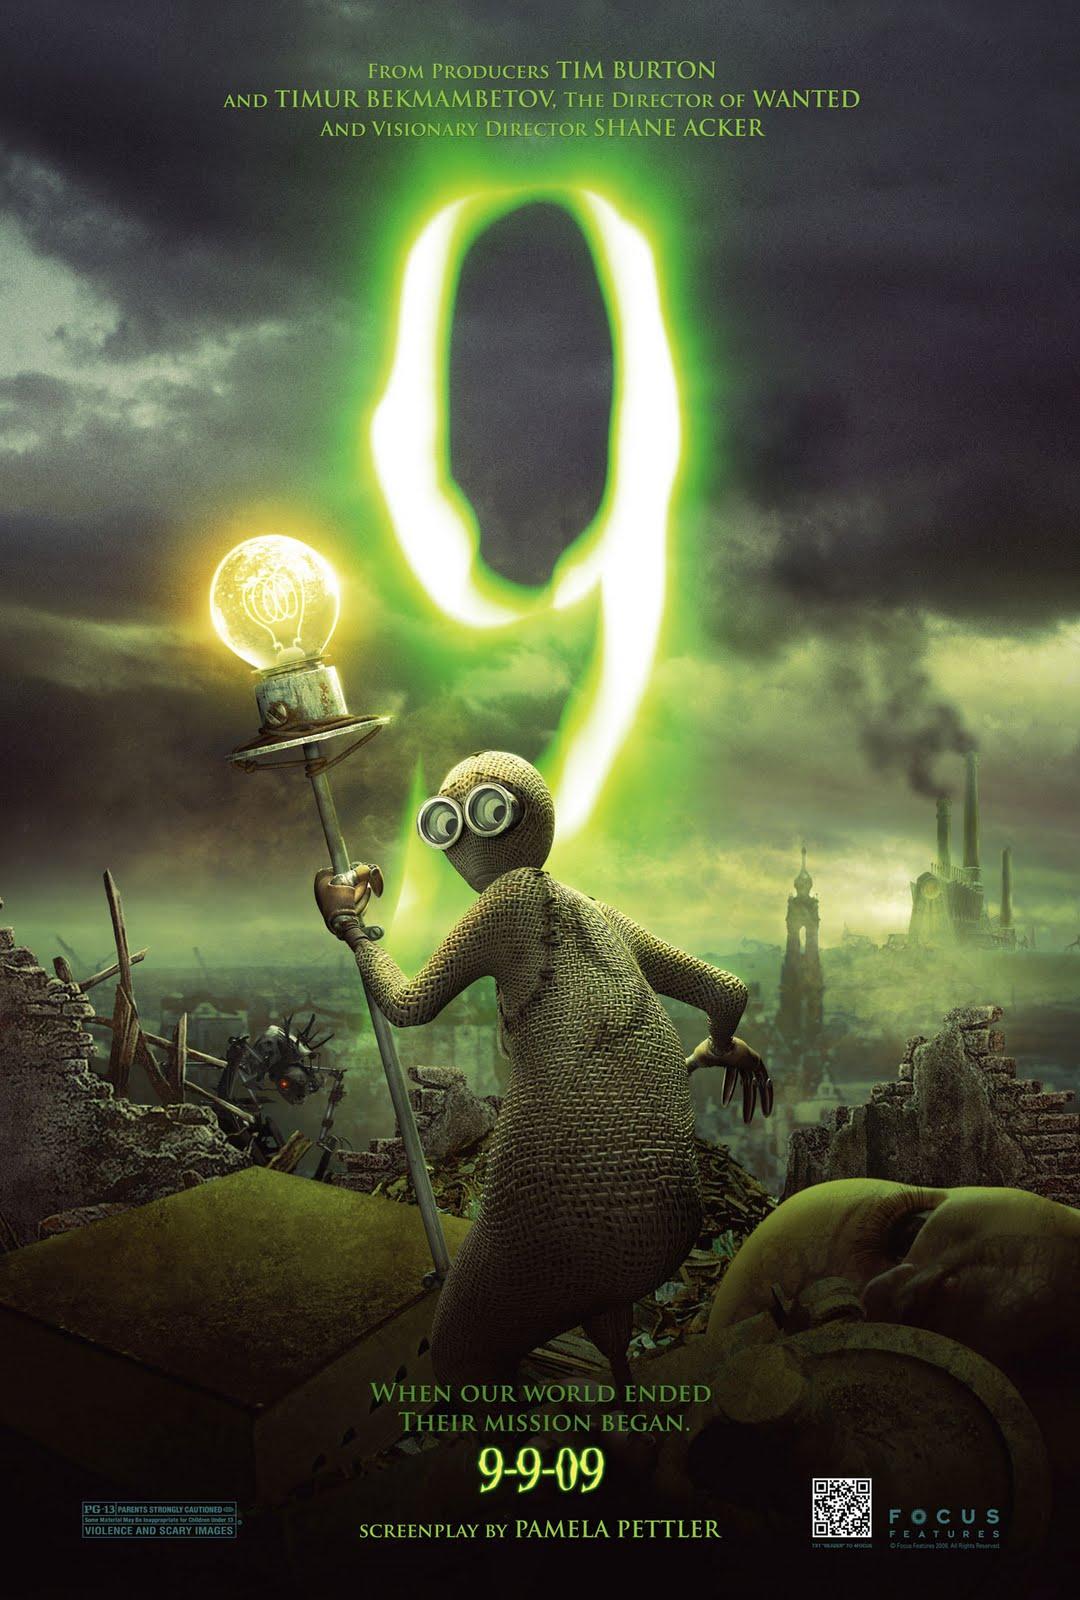 http://4.bp.blogspot.com/_m8ZxGilwzps/SwKKtMZLvuI/AAAAAAAAATE/kdQcndnbuFk/s1600/9+Movie+Poster.jpg